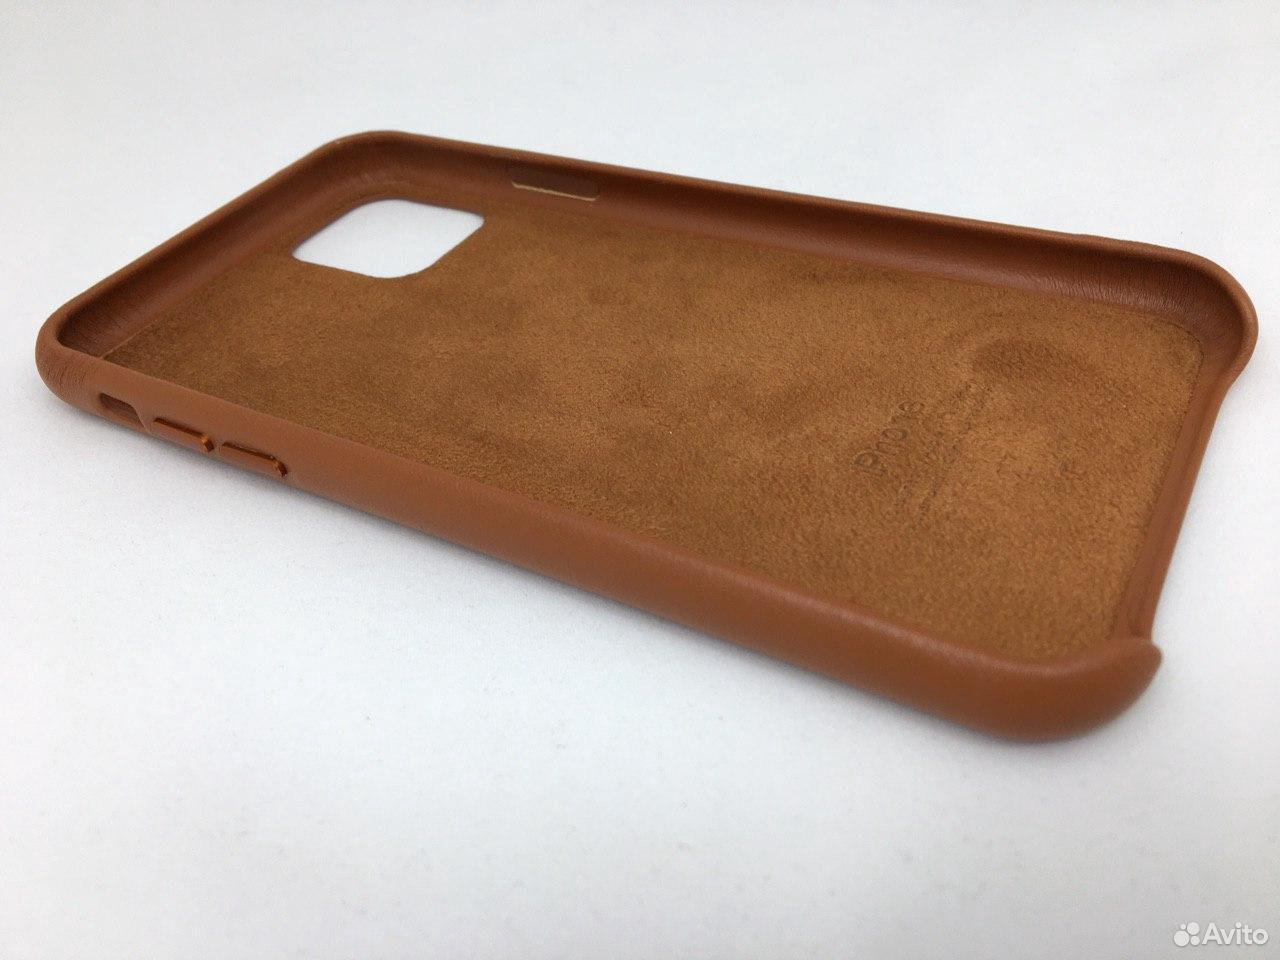 Кожаный чехол Leather Case Apple iPhone 11 Brown  89112002770 купить 5